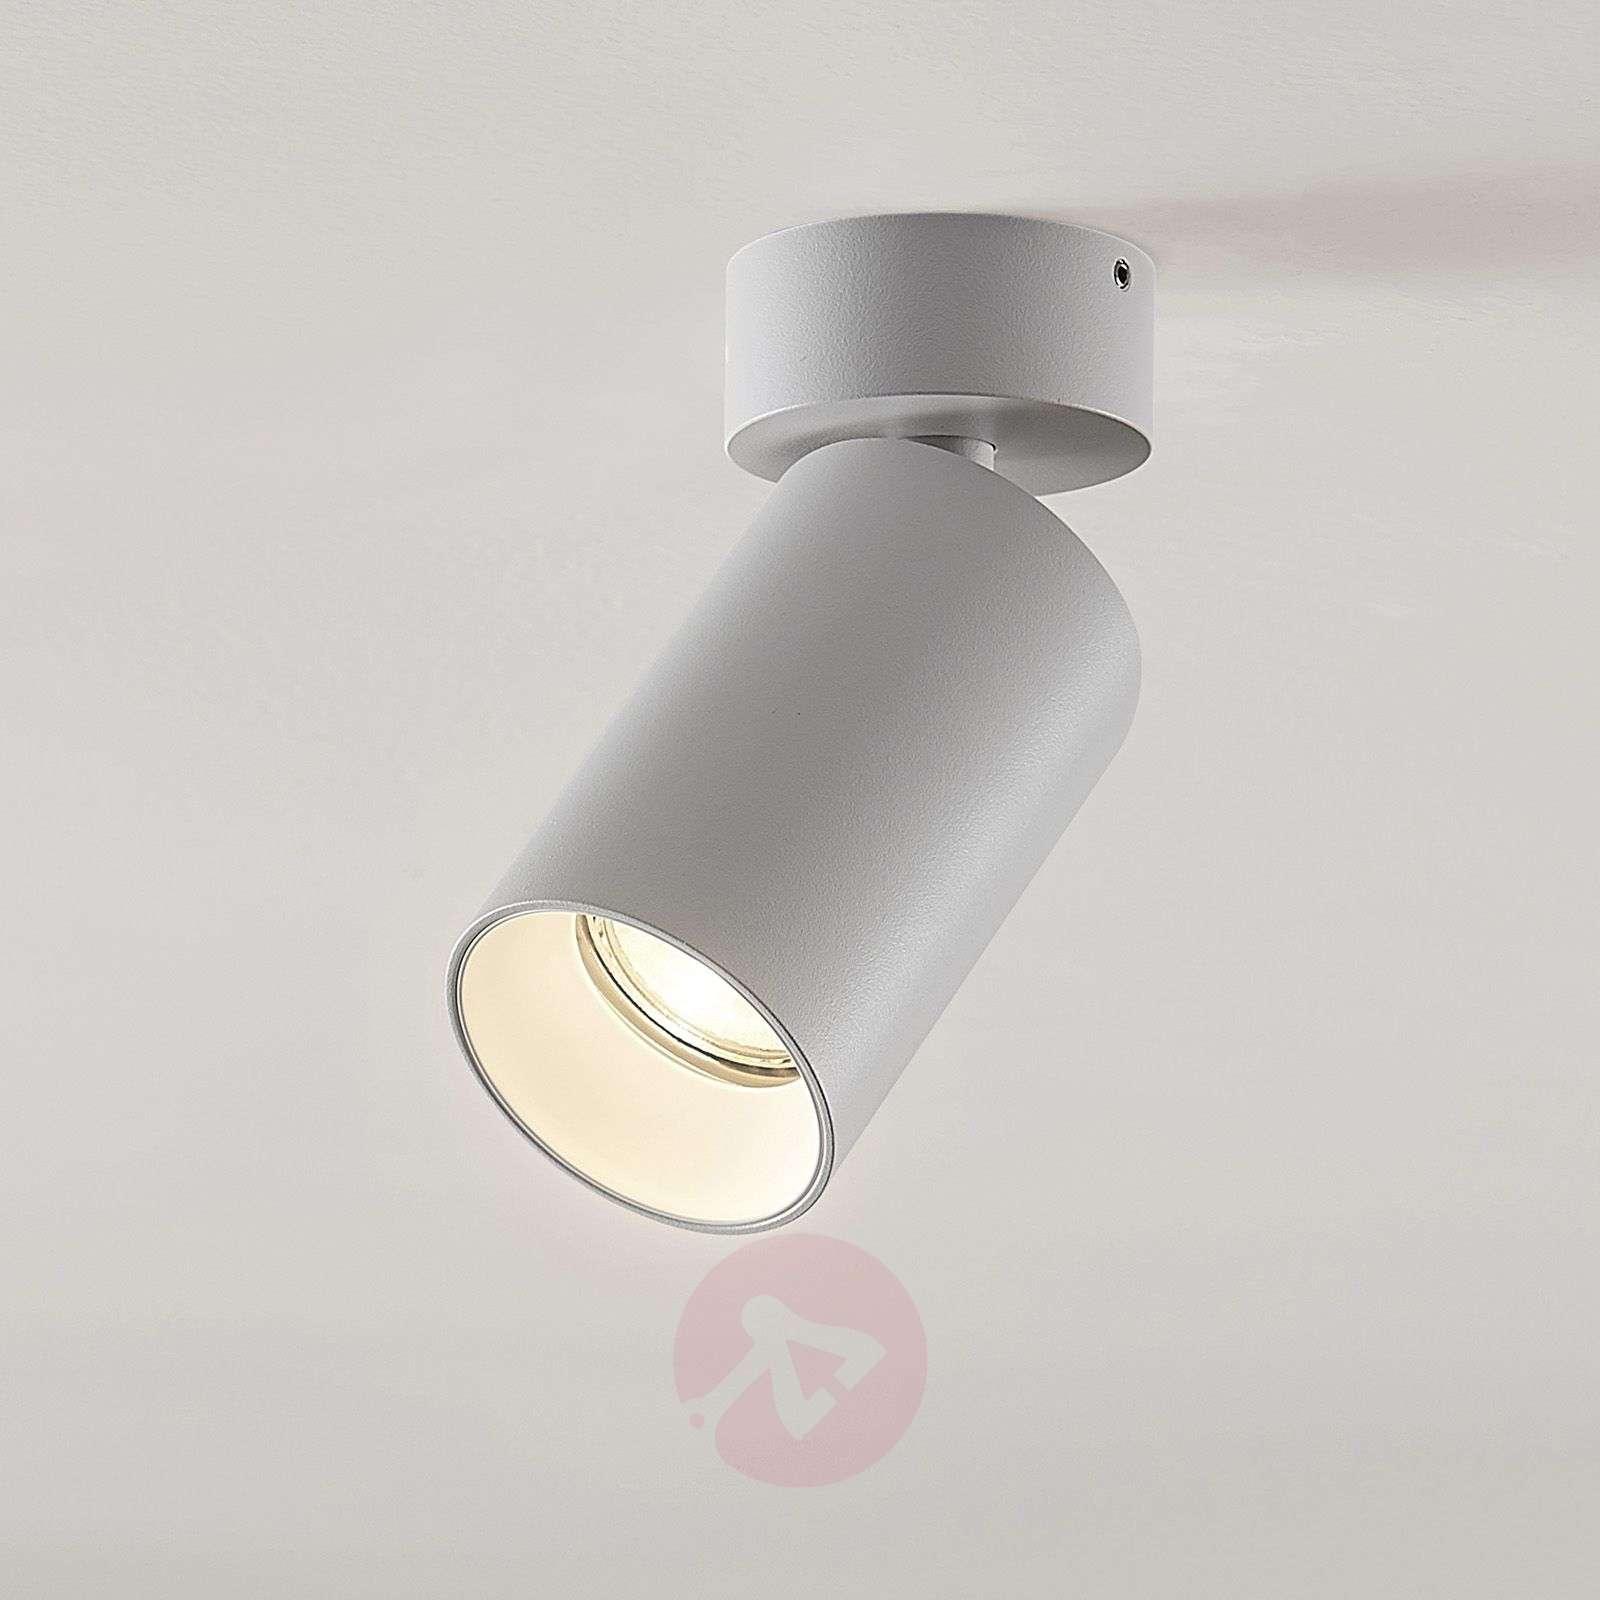 Kohdevalo Brinja GU10 valkoinen 1 lamppu pyöreä-9928015-01